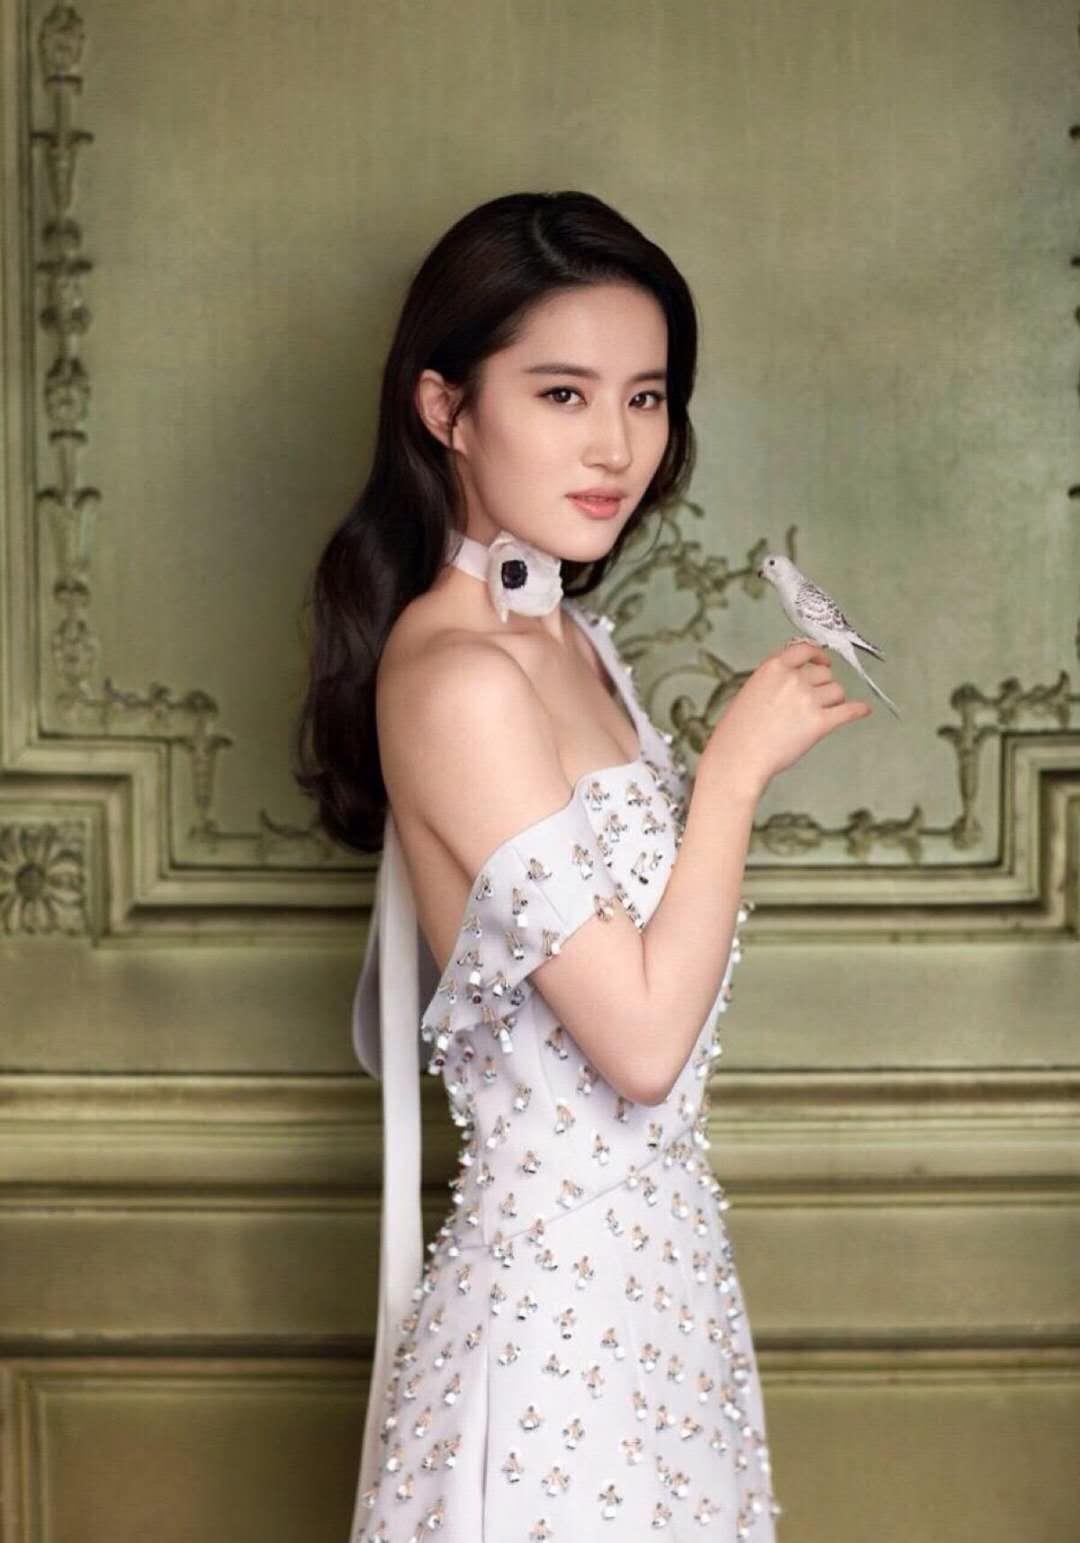 """刘亦菲不再是""""神仙姐姐"""" 现在已经""""还俗""""了!-第3张图片"""